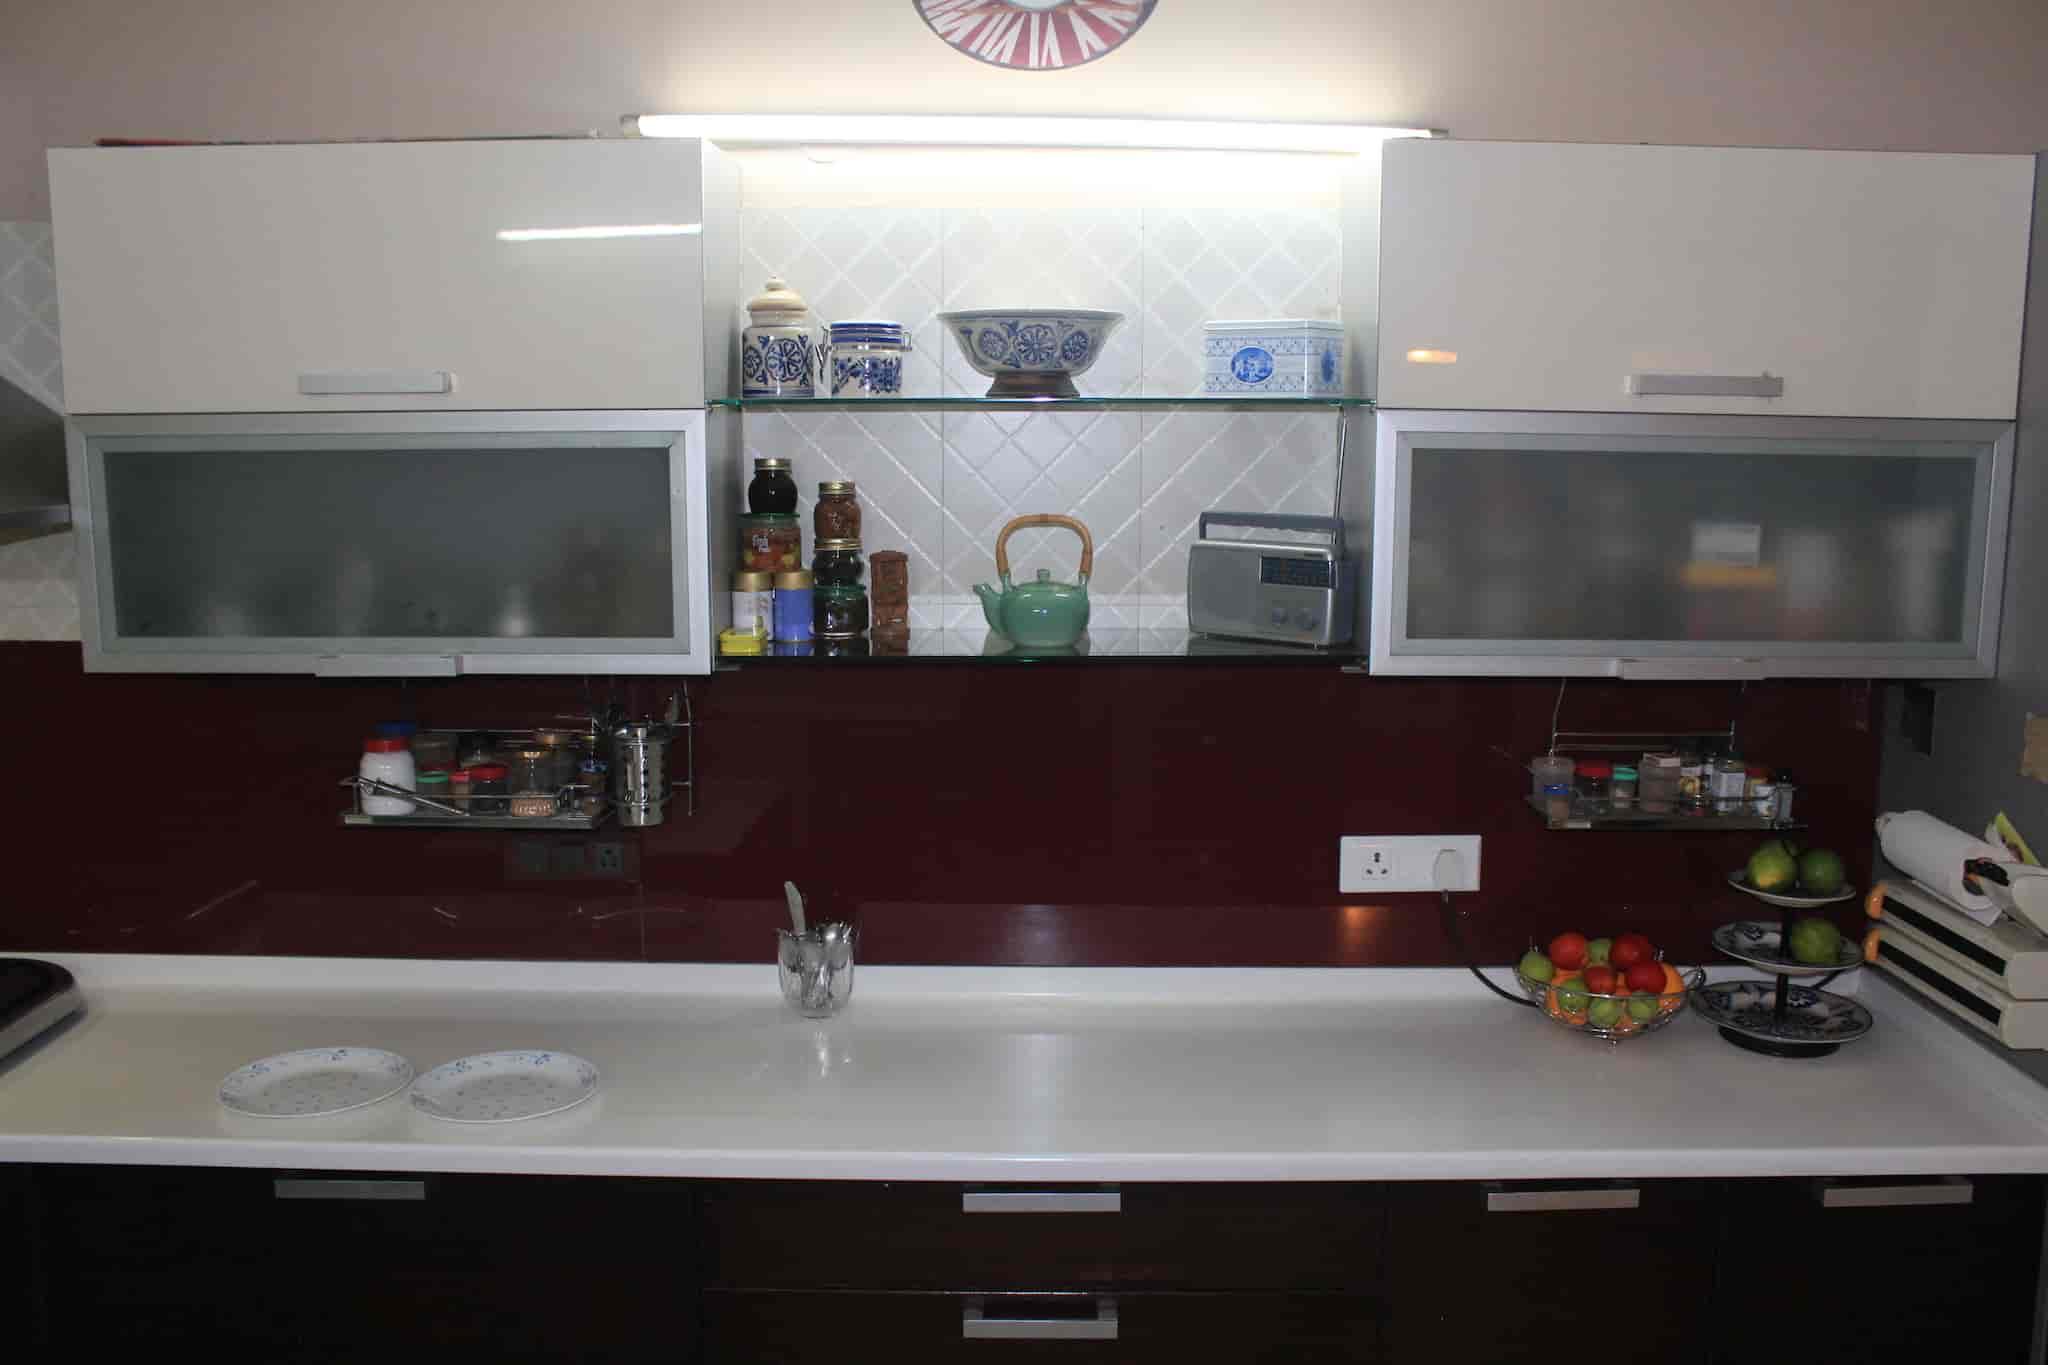 Home Depot Kitchen Liances Best Image Kitshen Design